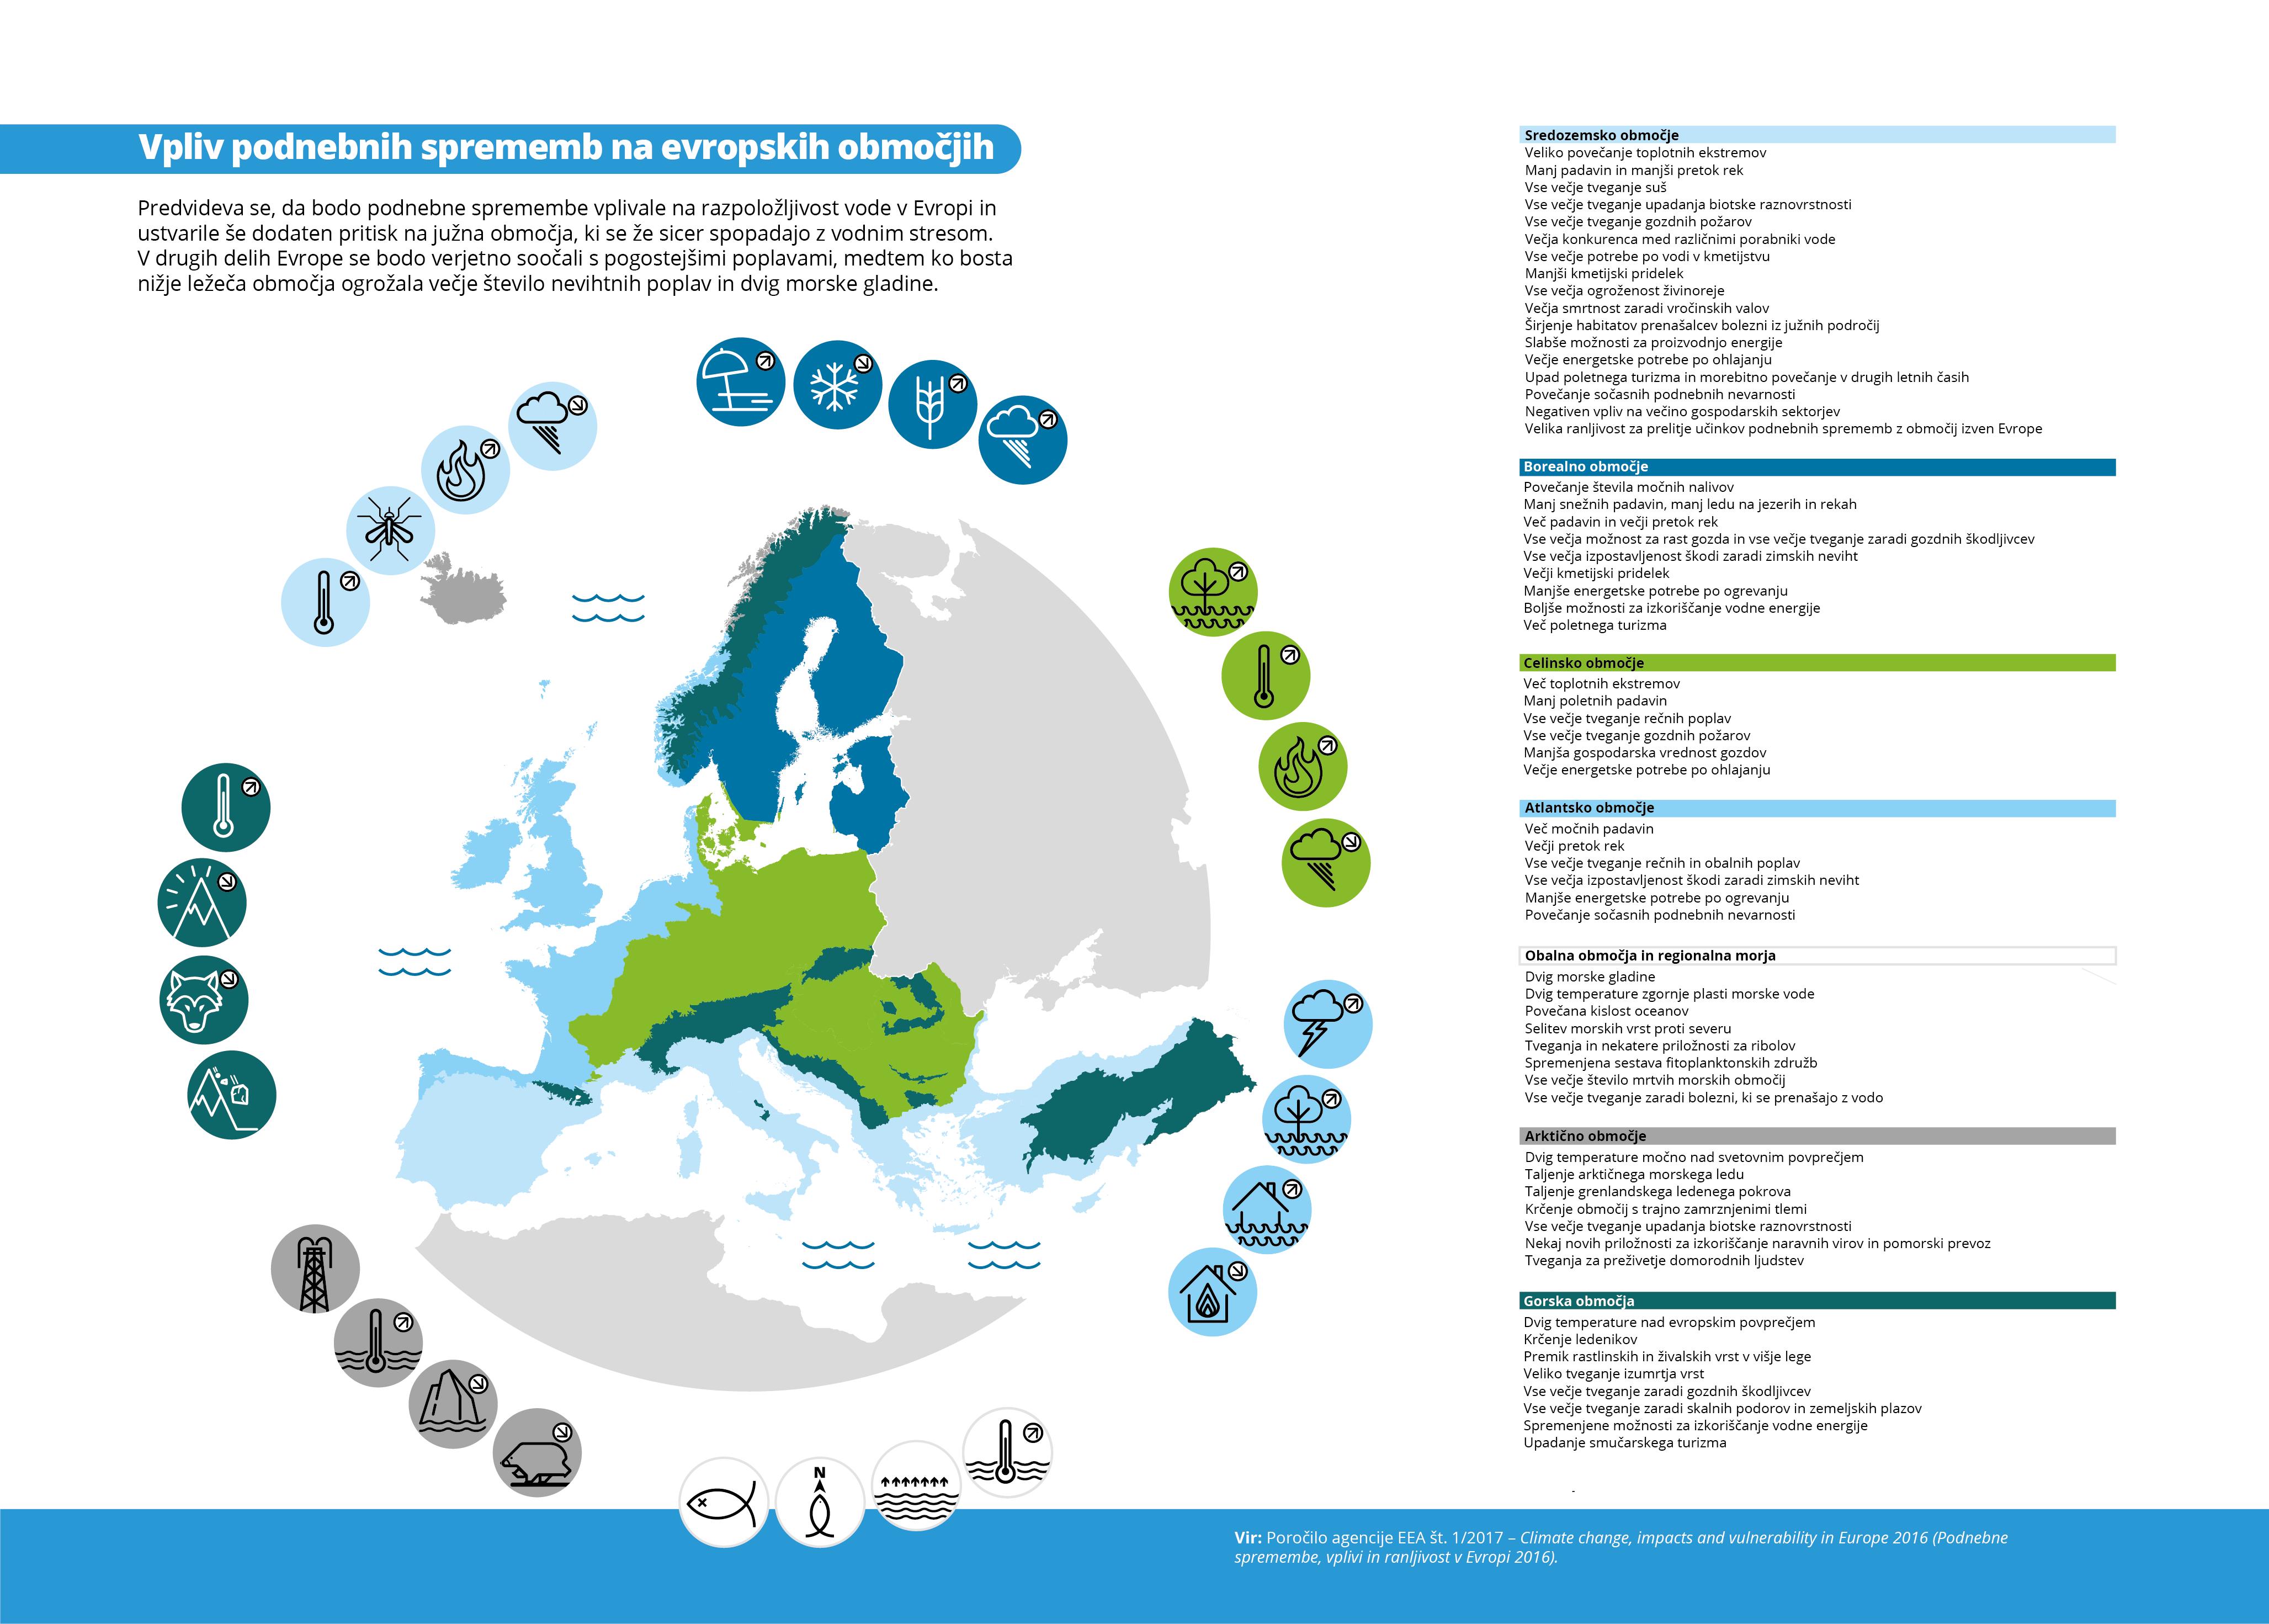 Vpliv podnebnih sprememb na evropskih območjih